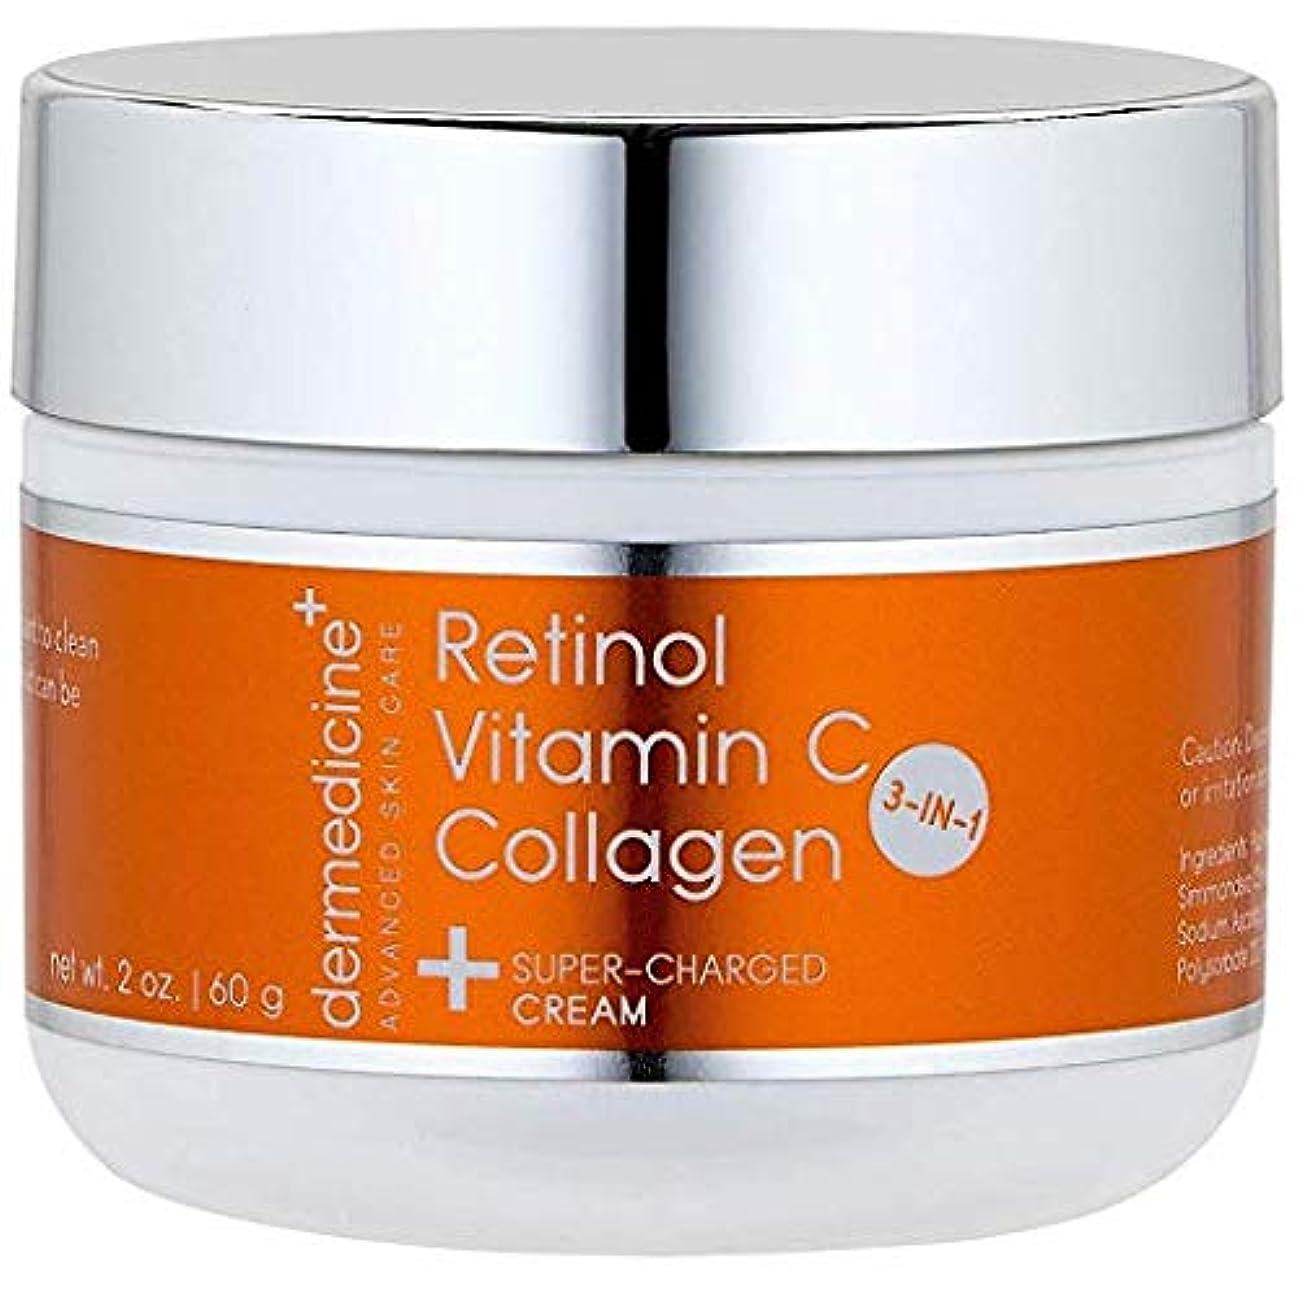 施設家具略奪プレミアム エイジングケアクリーム【3IN1】 コラーゲン+レチノール+ビタミンC配合 60g シミ取り&シワ取り ほうれい線を取り、顔のリフトアップも(若々しい弾力のある肌へ)